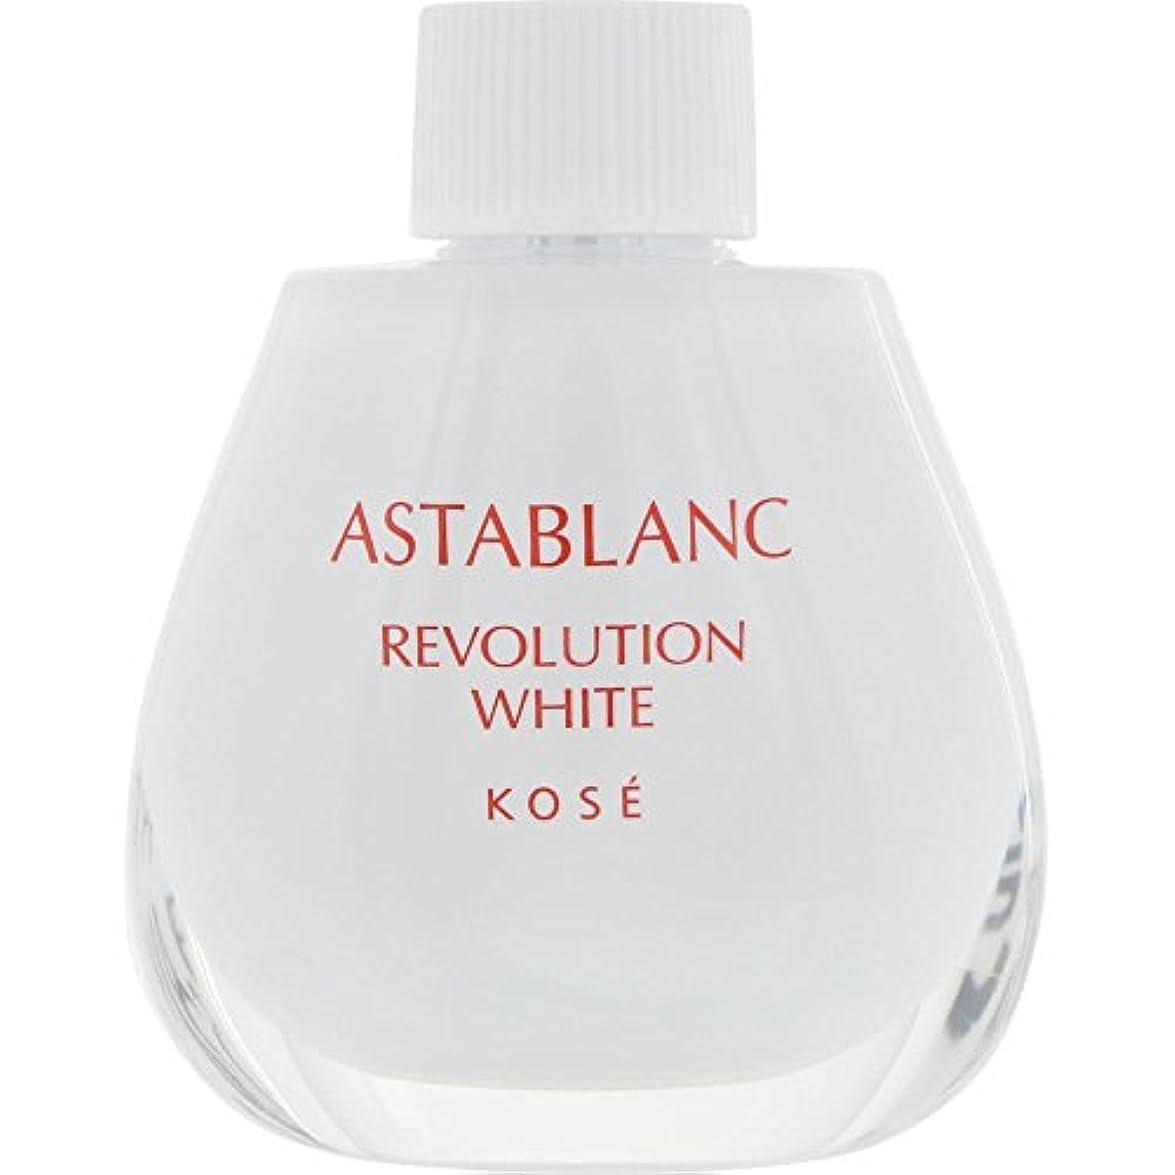 宣伝気味の悪い独裁[医薬部外品] アスタブラン レボリューション ホワイト (付けかえ用) 30mL